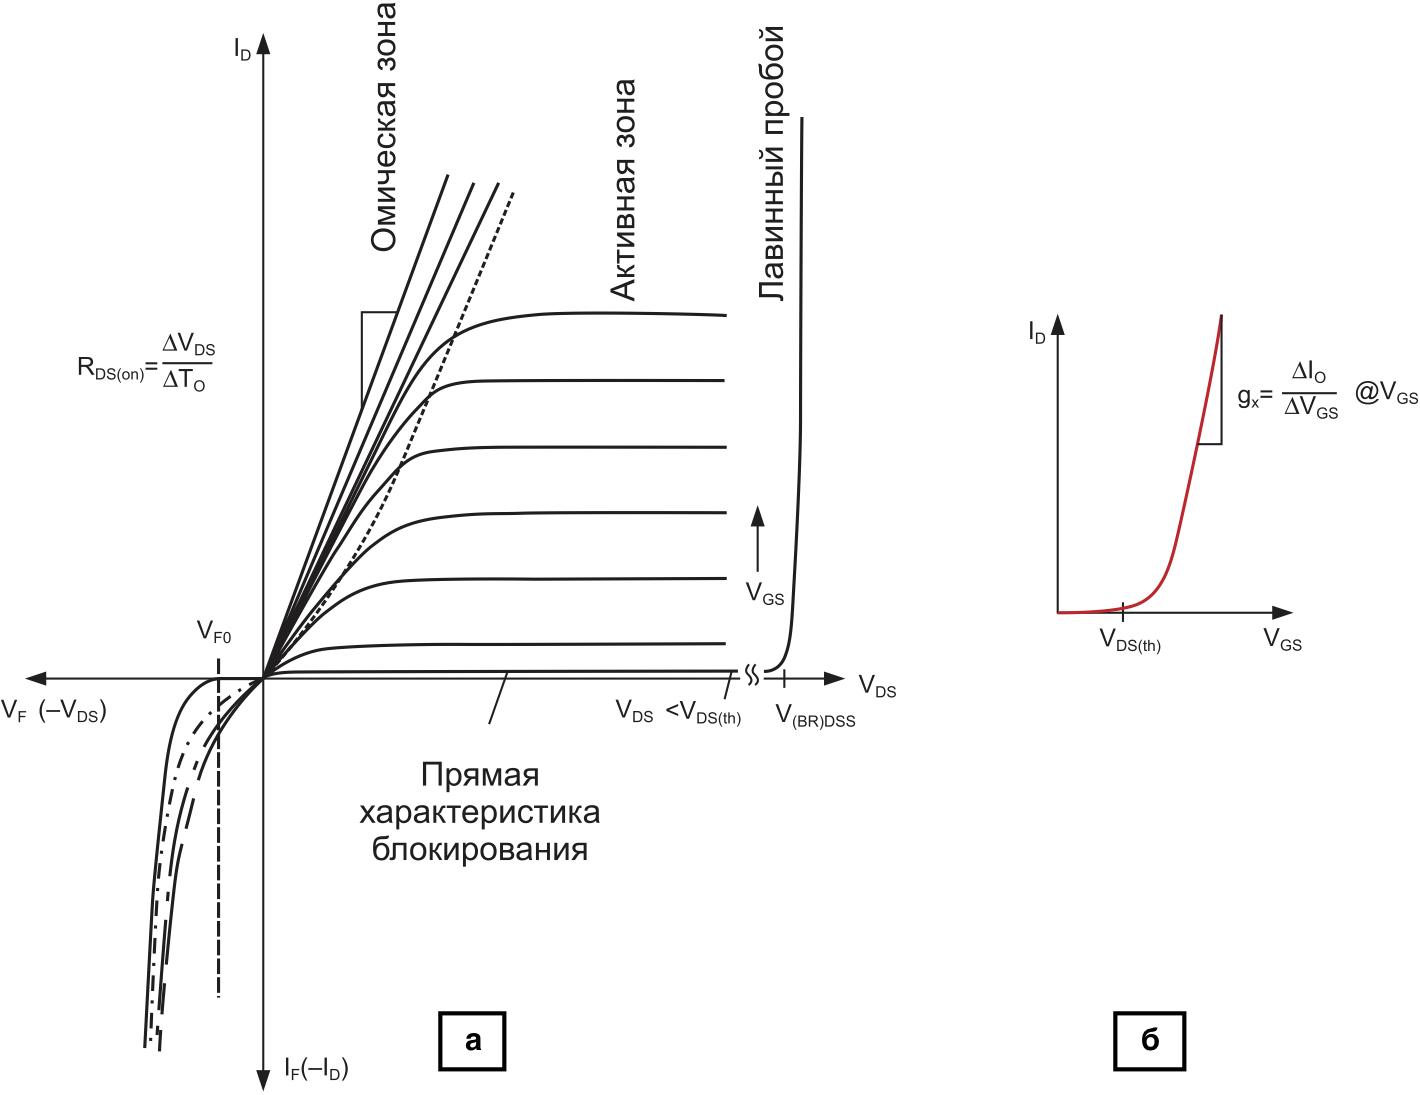 а) Выходные характеристики n-канального MOSFET; б) переходная характеристика ID = f(VGS)